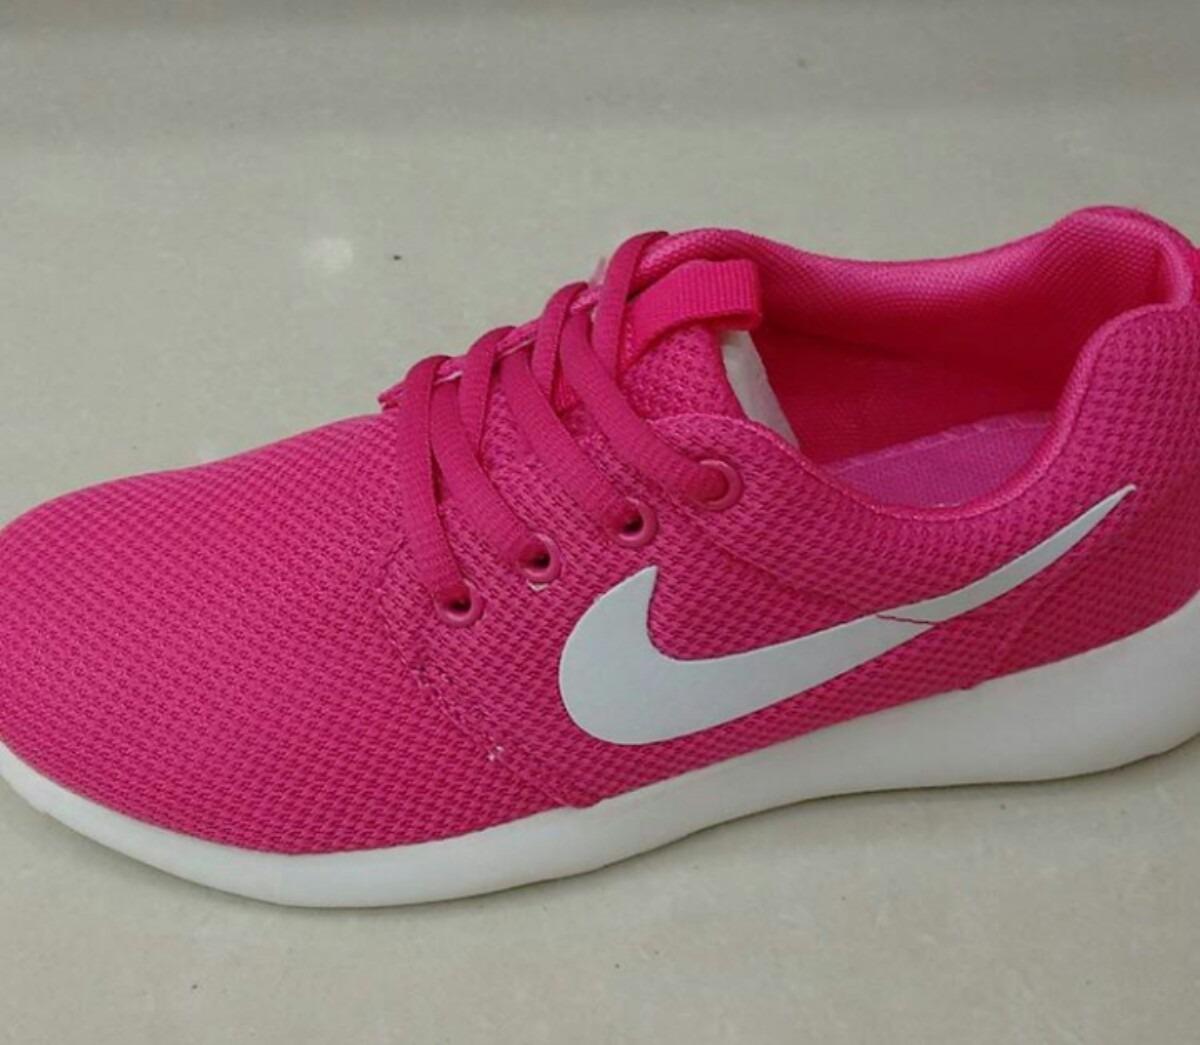 Damas De Roshe Mercado Libre 000 Zapatos 220 Nike 00 Bs En wqCa4TtZ